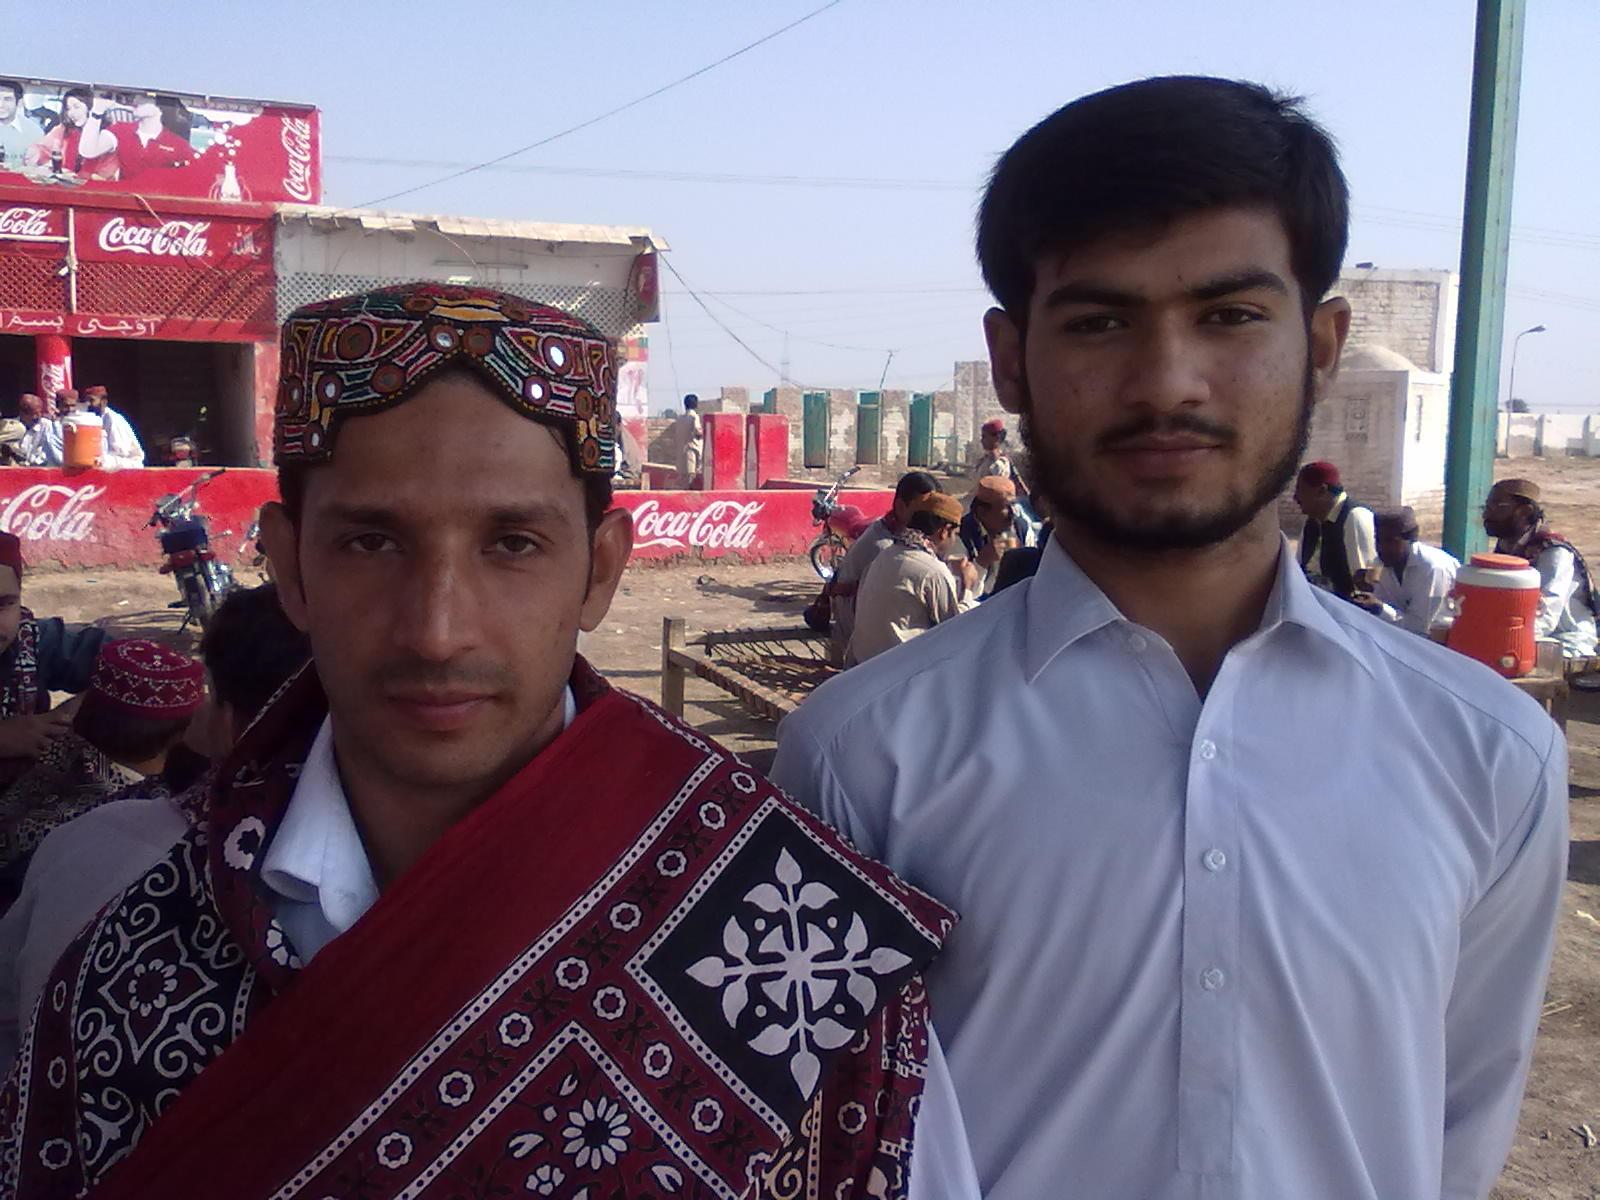 sindhi topi ajrak day 100% cotton ajrak sindhi pakistan shawl scarf chadar mens womens unisex.